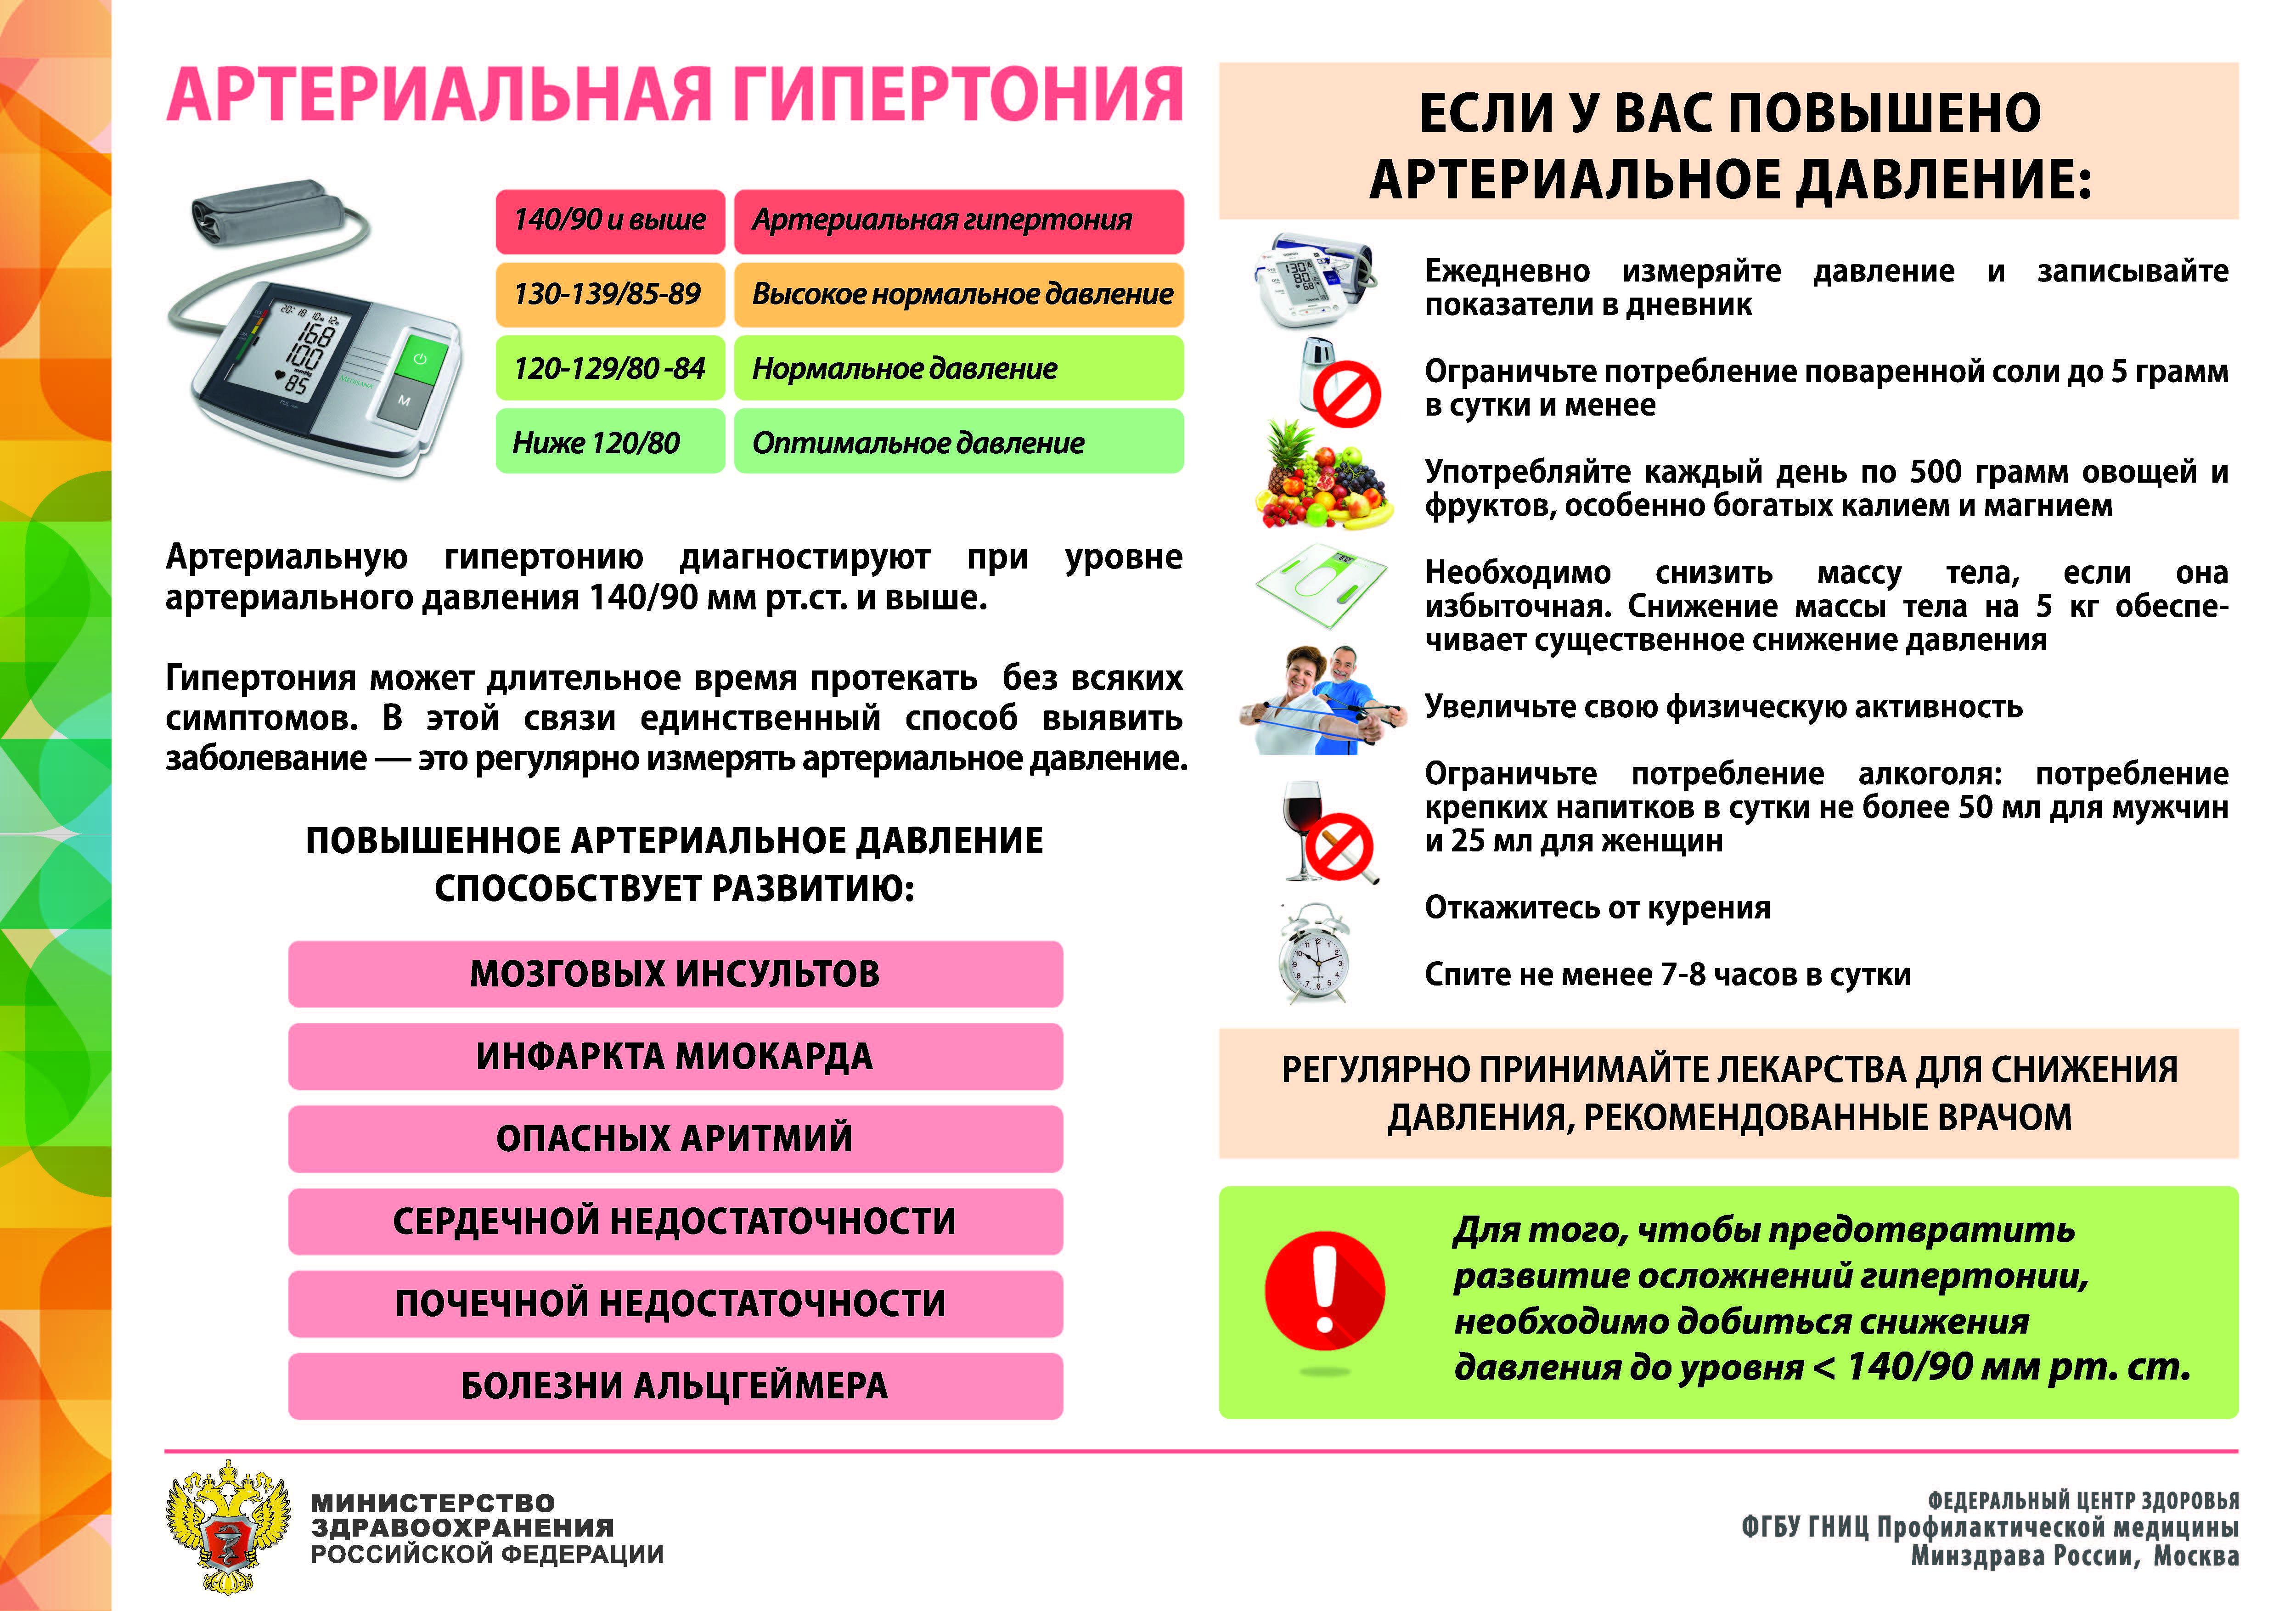 Больница номер 5 москва отзывы